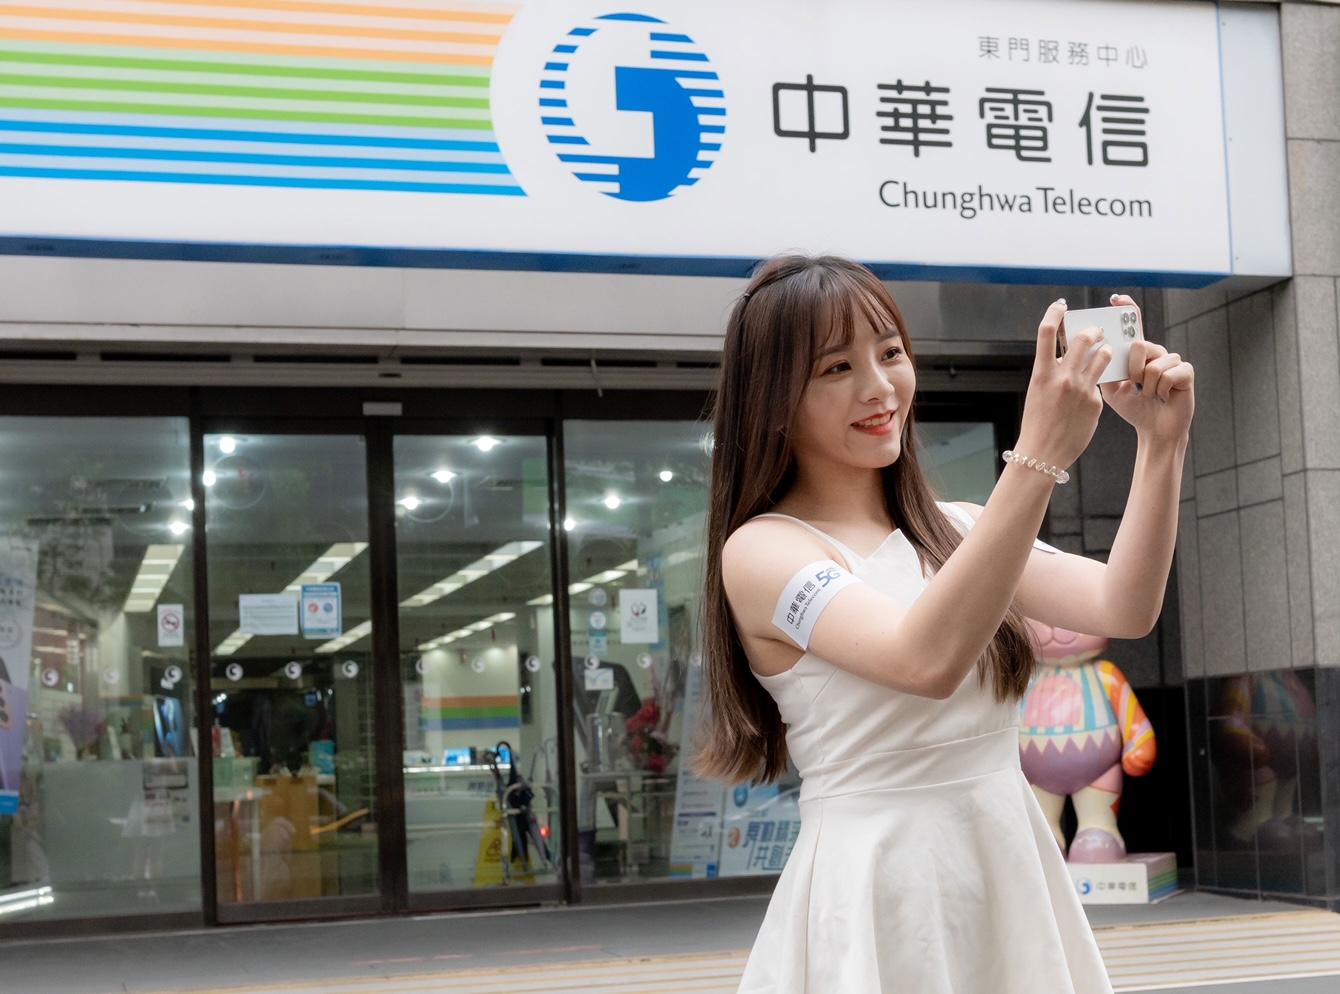 中華電信x SoundOn打造聲音搜尋引擎 AI聲音濾鏡助攻全台Podcaster